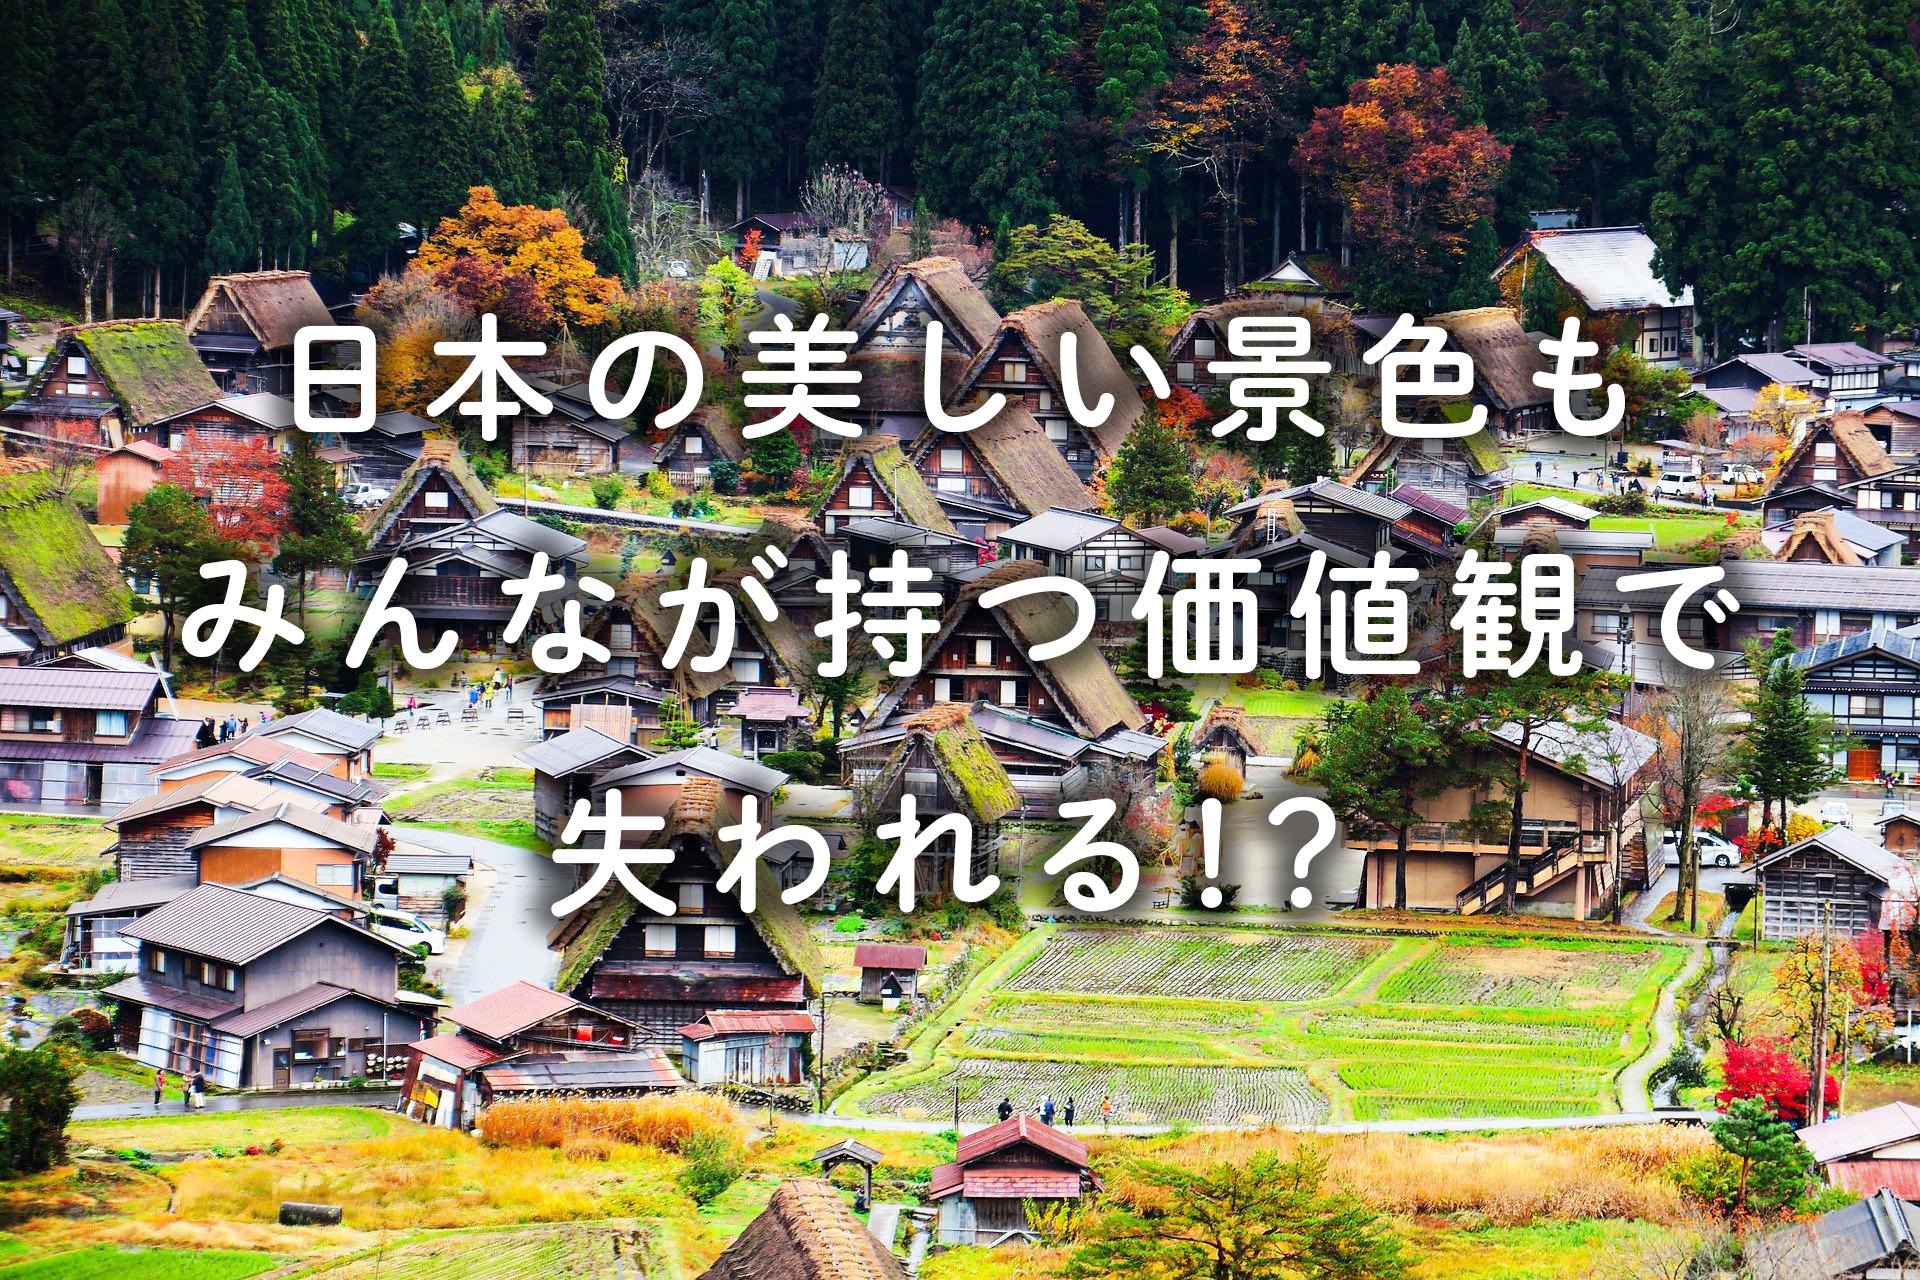 日本の美しい景色も破壊される!?